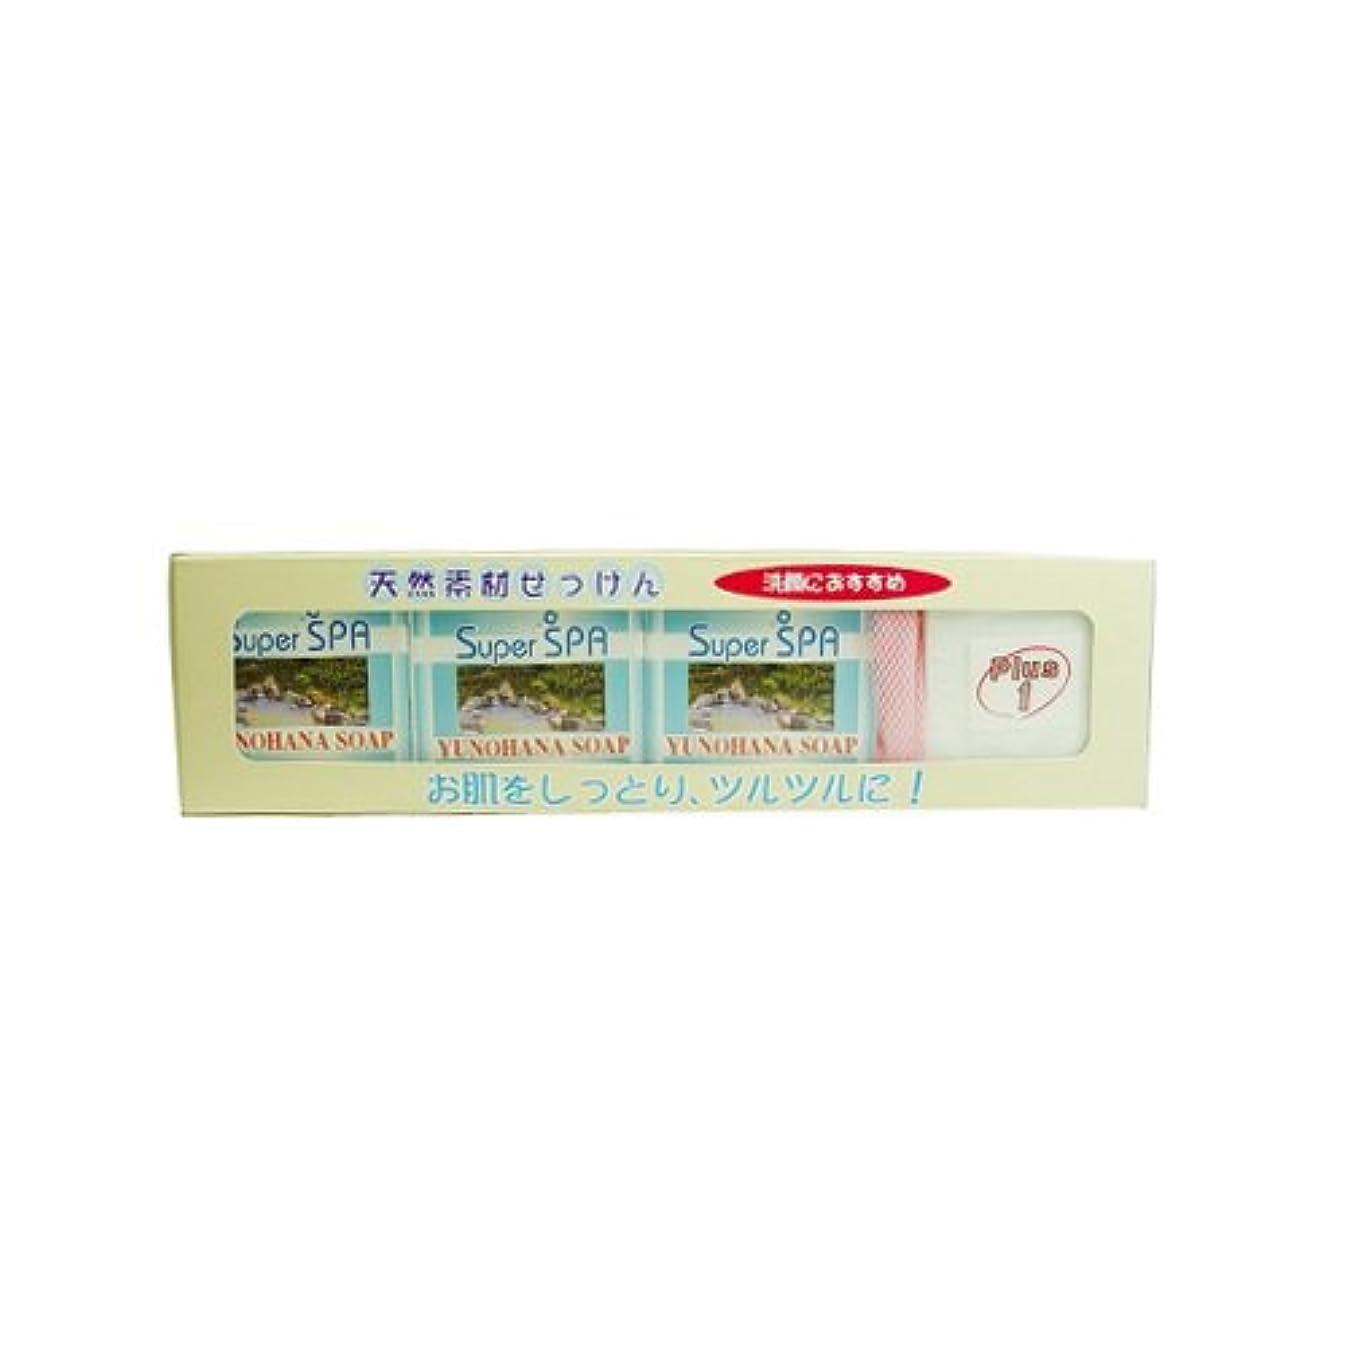 ライセンスライン範囲湯の花石鹸(天然素材石鹸)‐KH212283